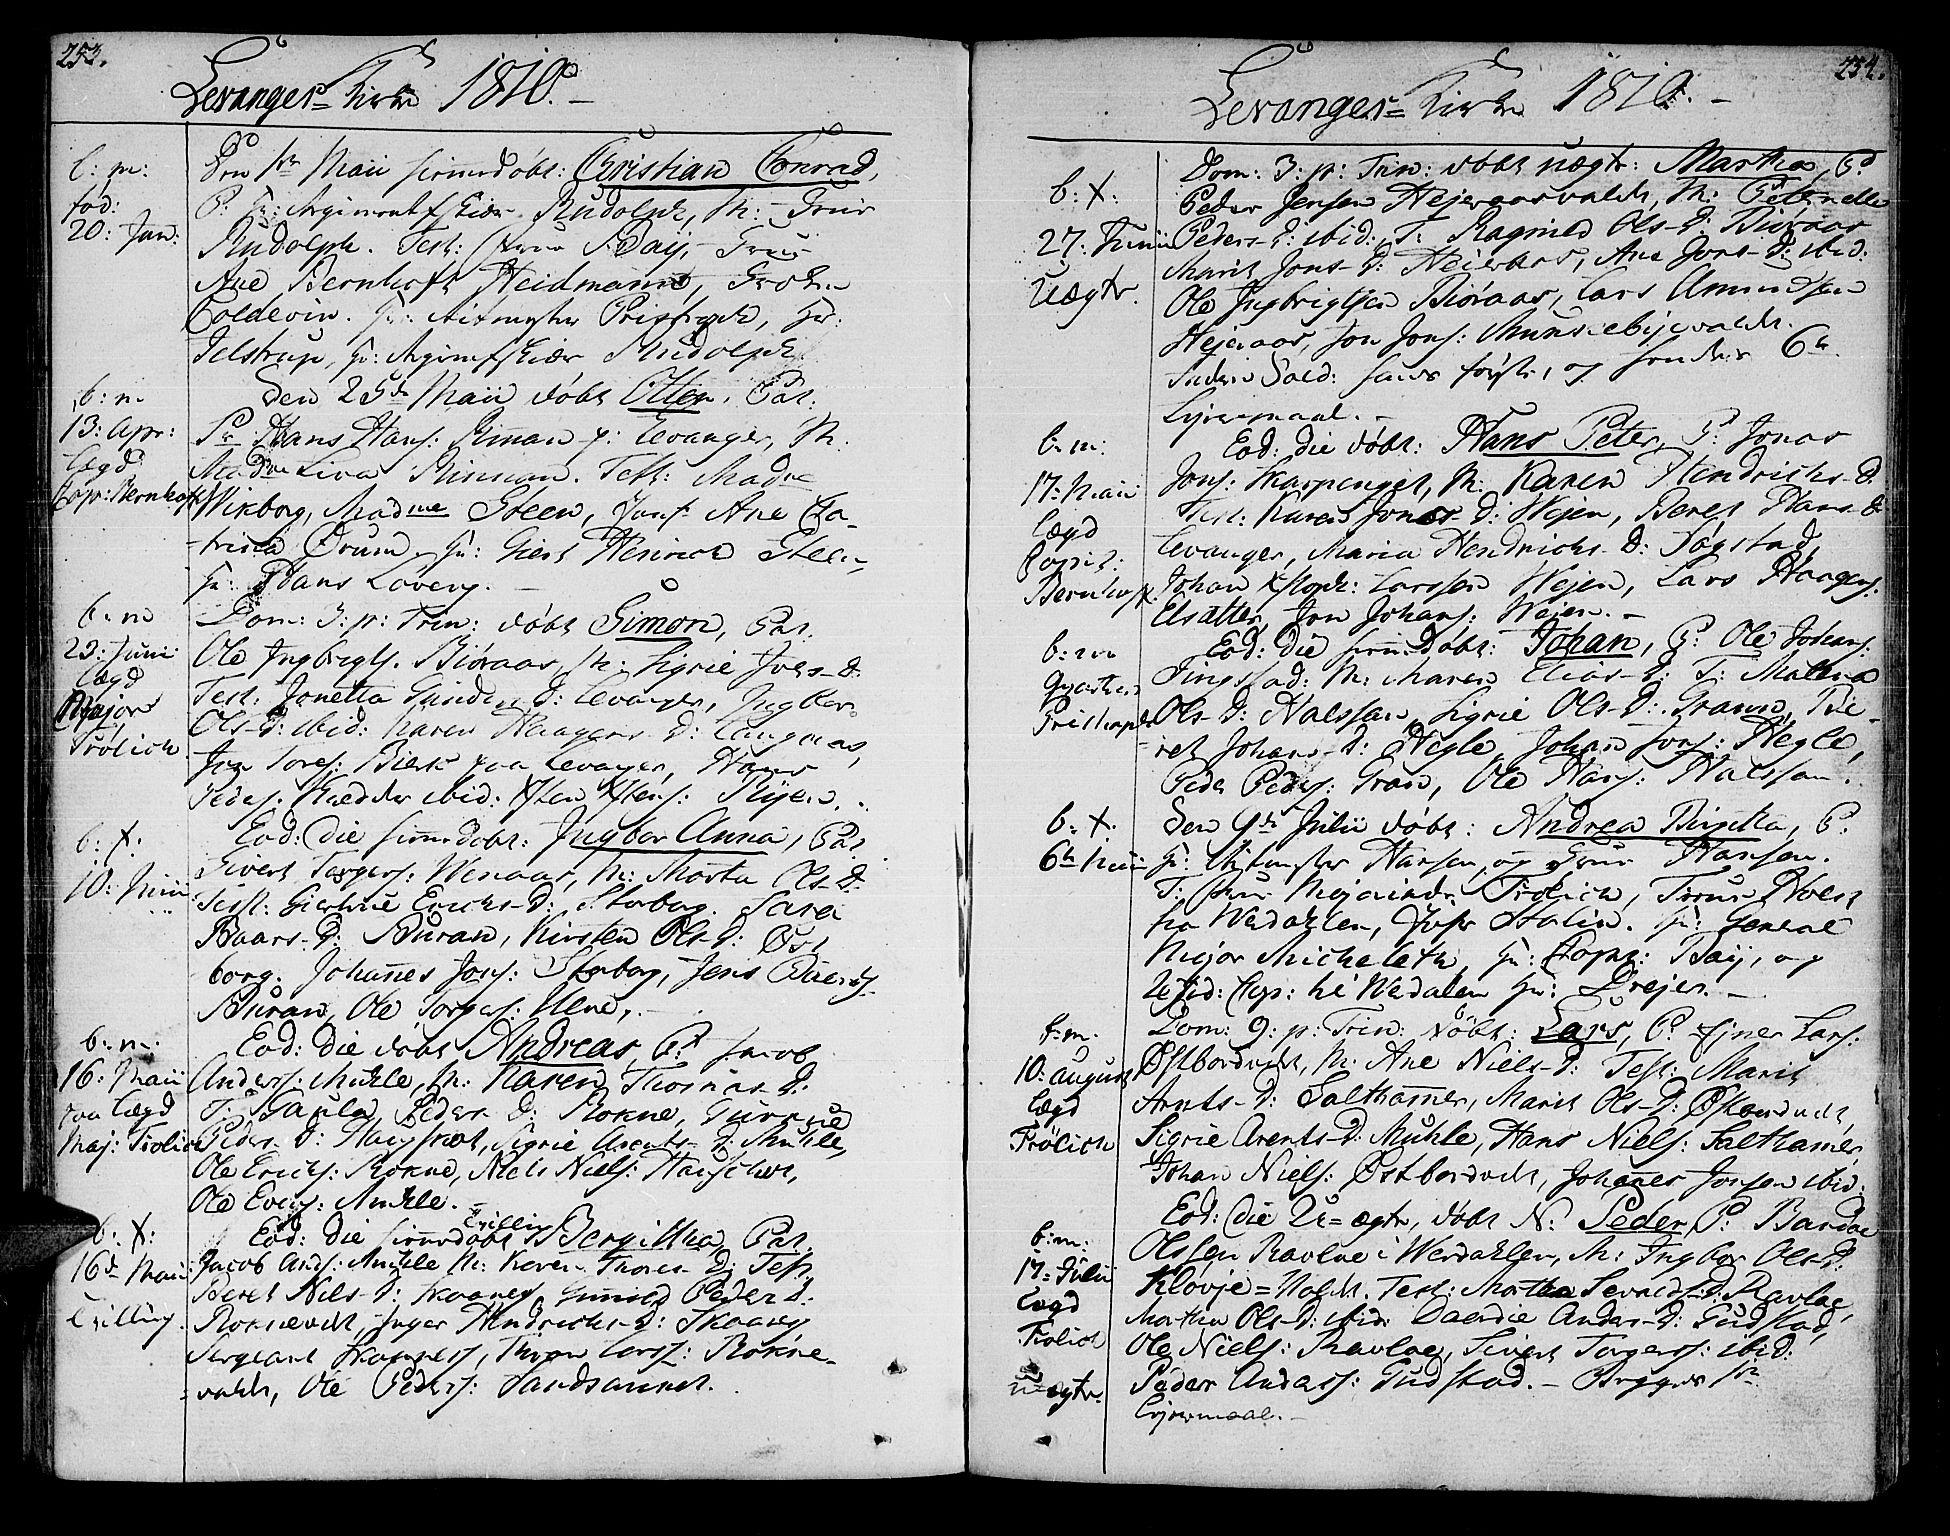 SAT, Ministerialprotokoller, klokkerbøker og fødselsregistre - Nord-Trøndelag, 717/L0145: Ministerialbok nr. 717A03 /3, 1810-1815, s. 253-254